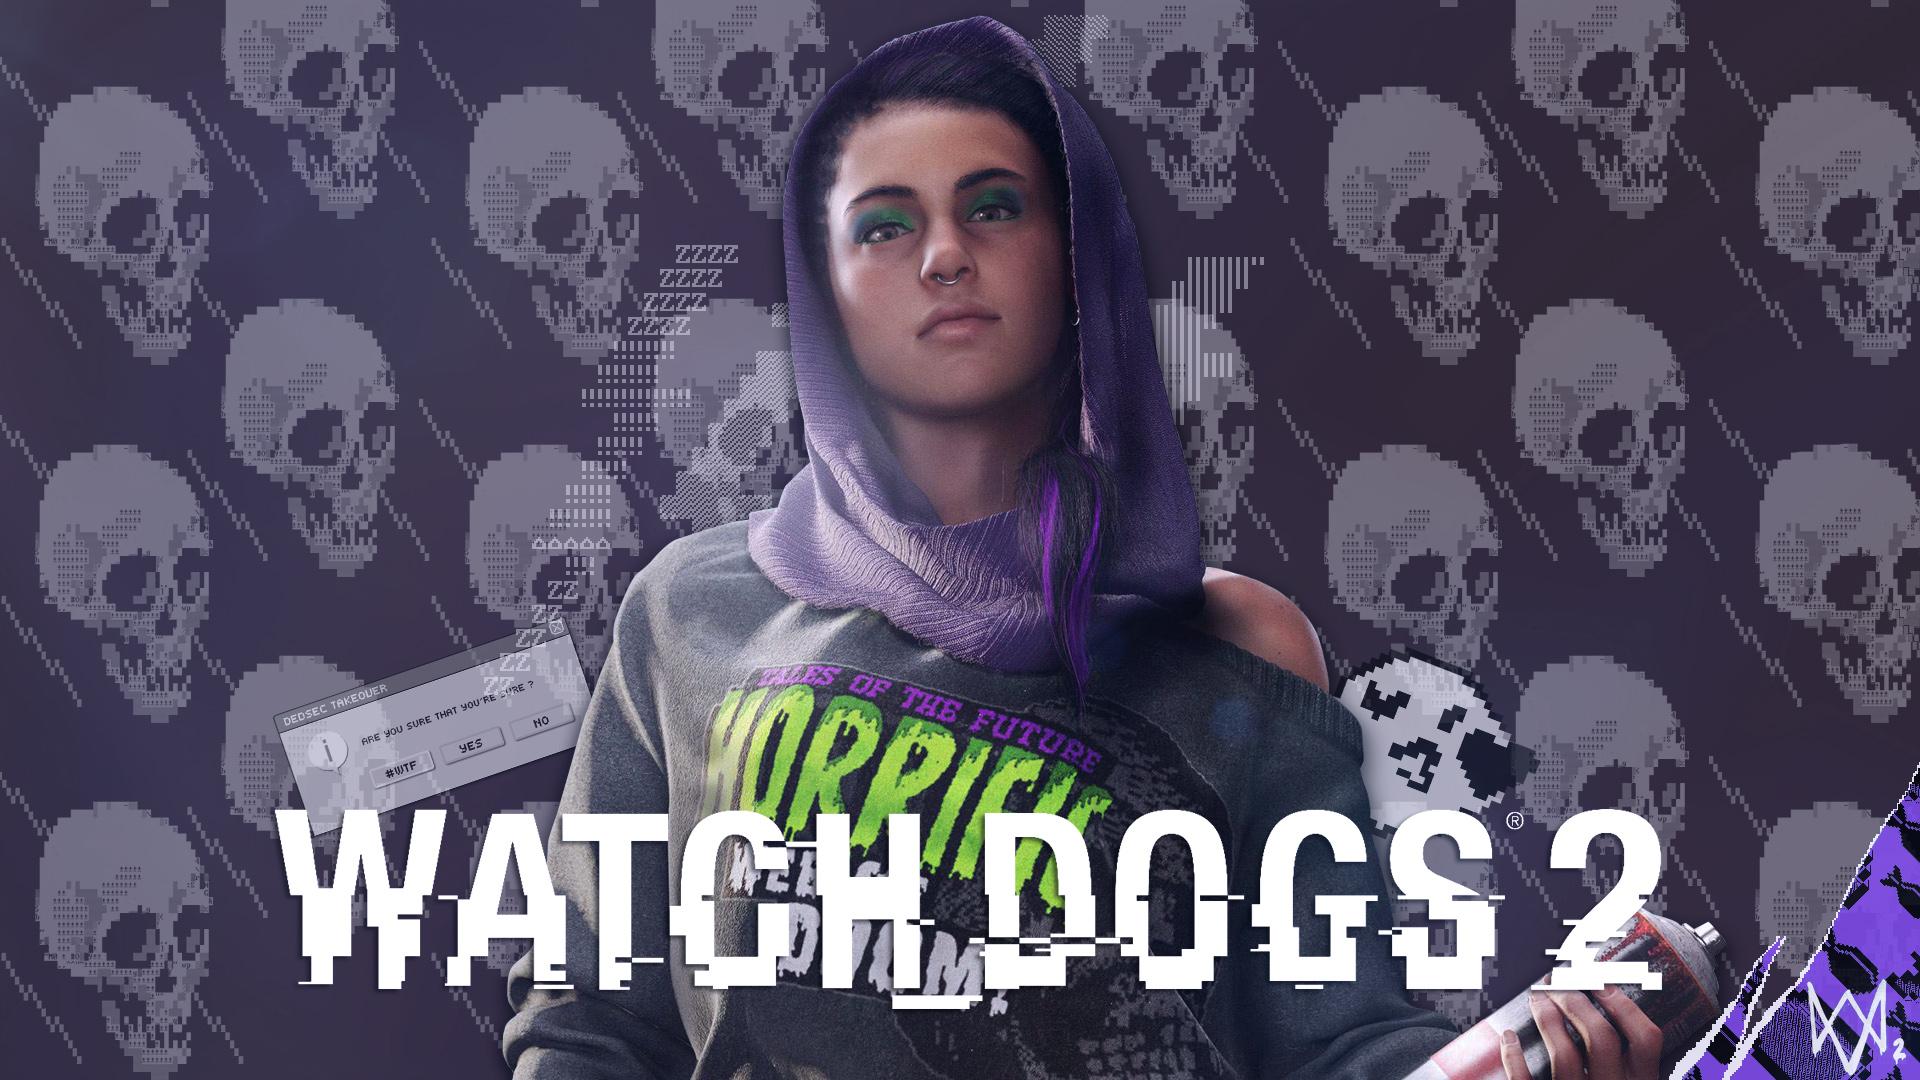 Watch Dogs 2 Sitara Dhawan Fan Wallpaper By Digital Zky On